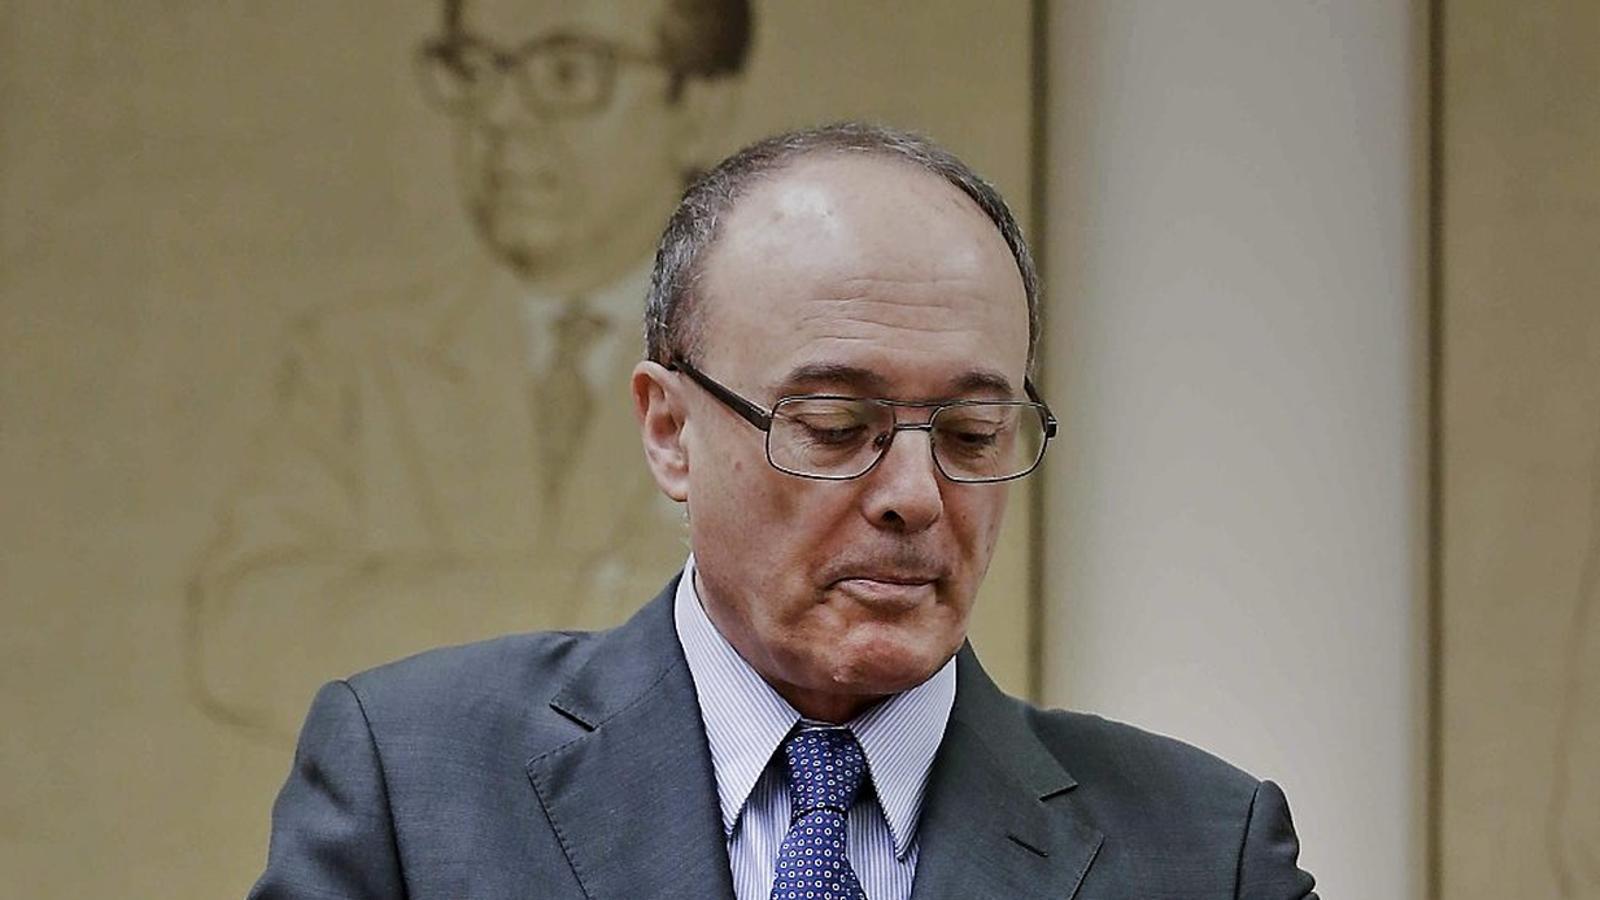 La recepta del Banc d'Espanya: jubilació més tard, pensions més barates